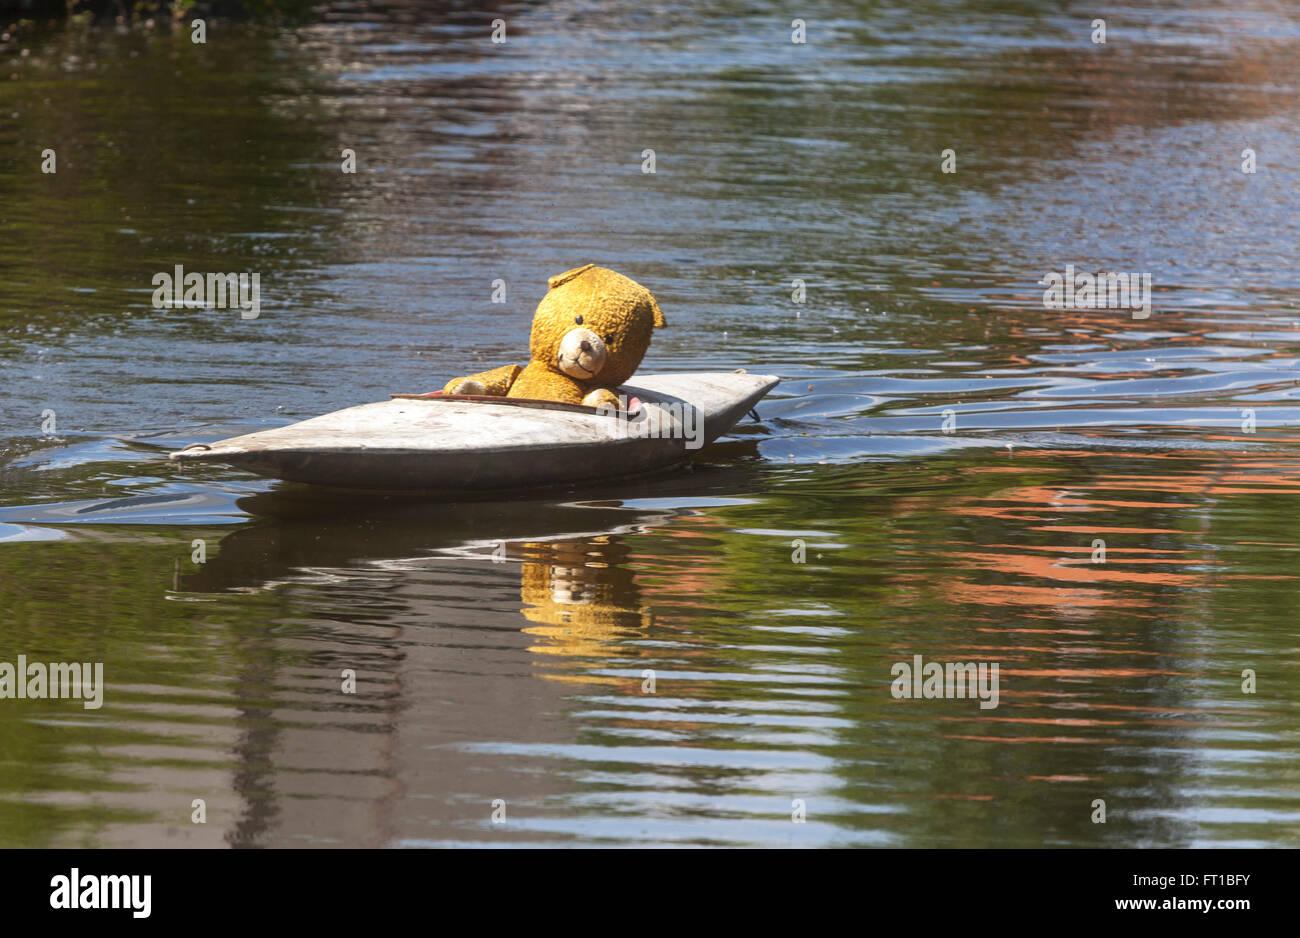 Ours glissant le long river kayak, rivière Nezarka, République Tchèque Photo Stock